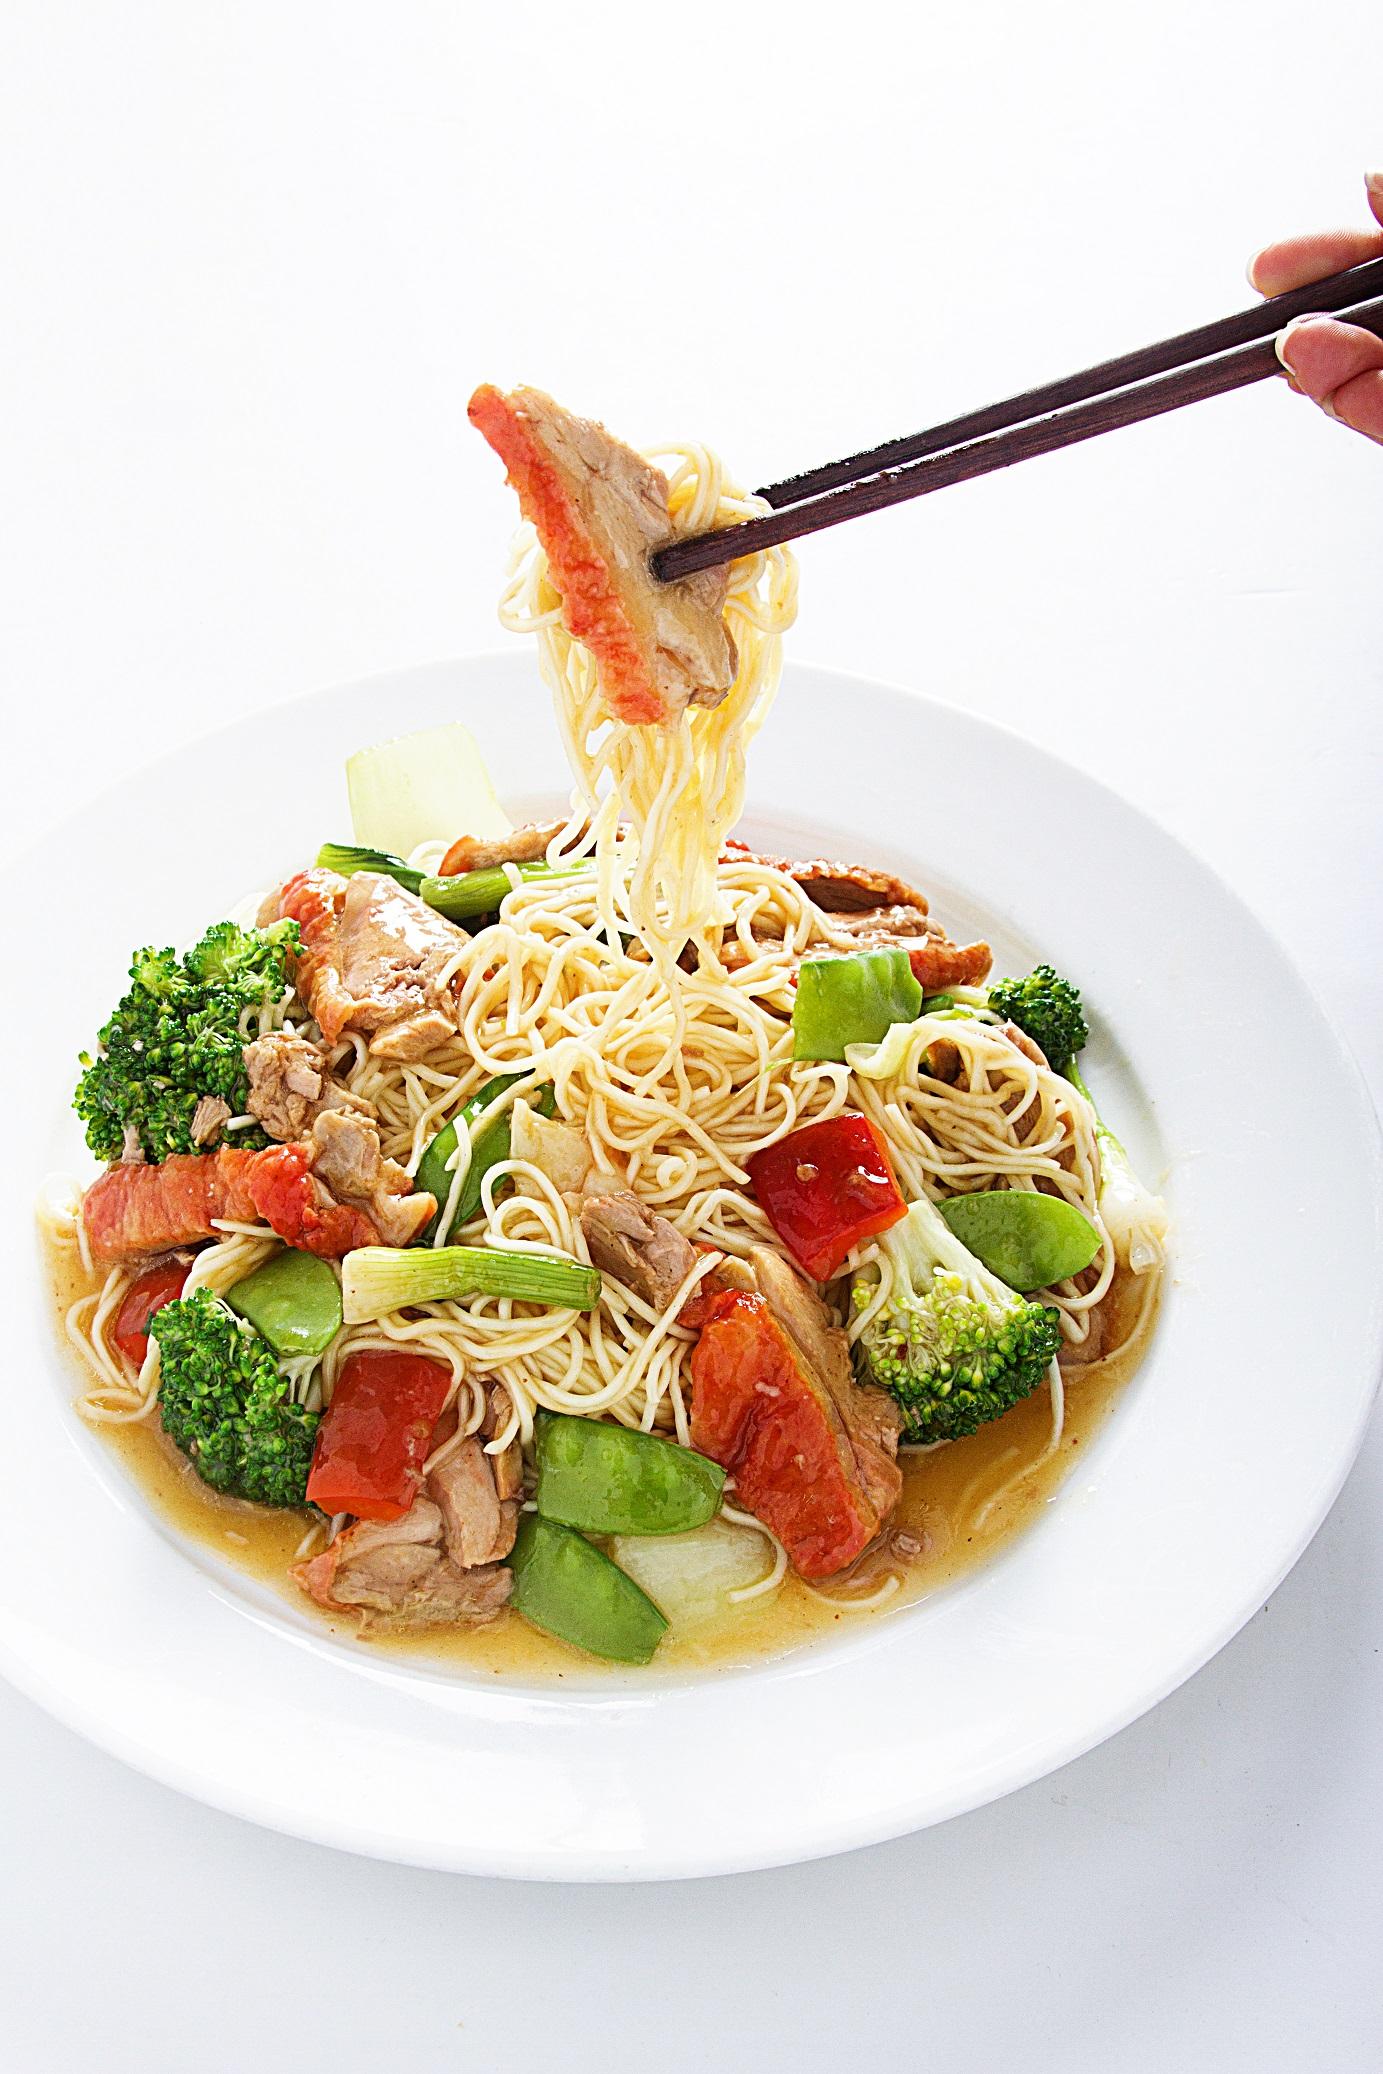 Tallarin con pato asado acompañado de verduras salteadas.